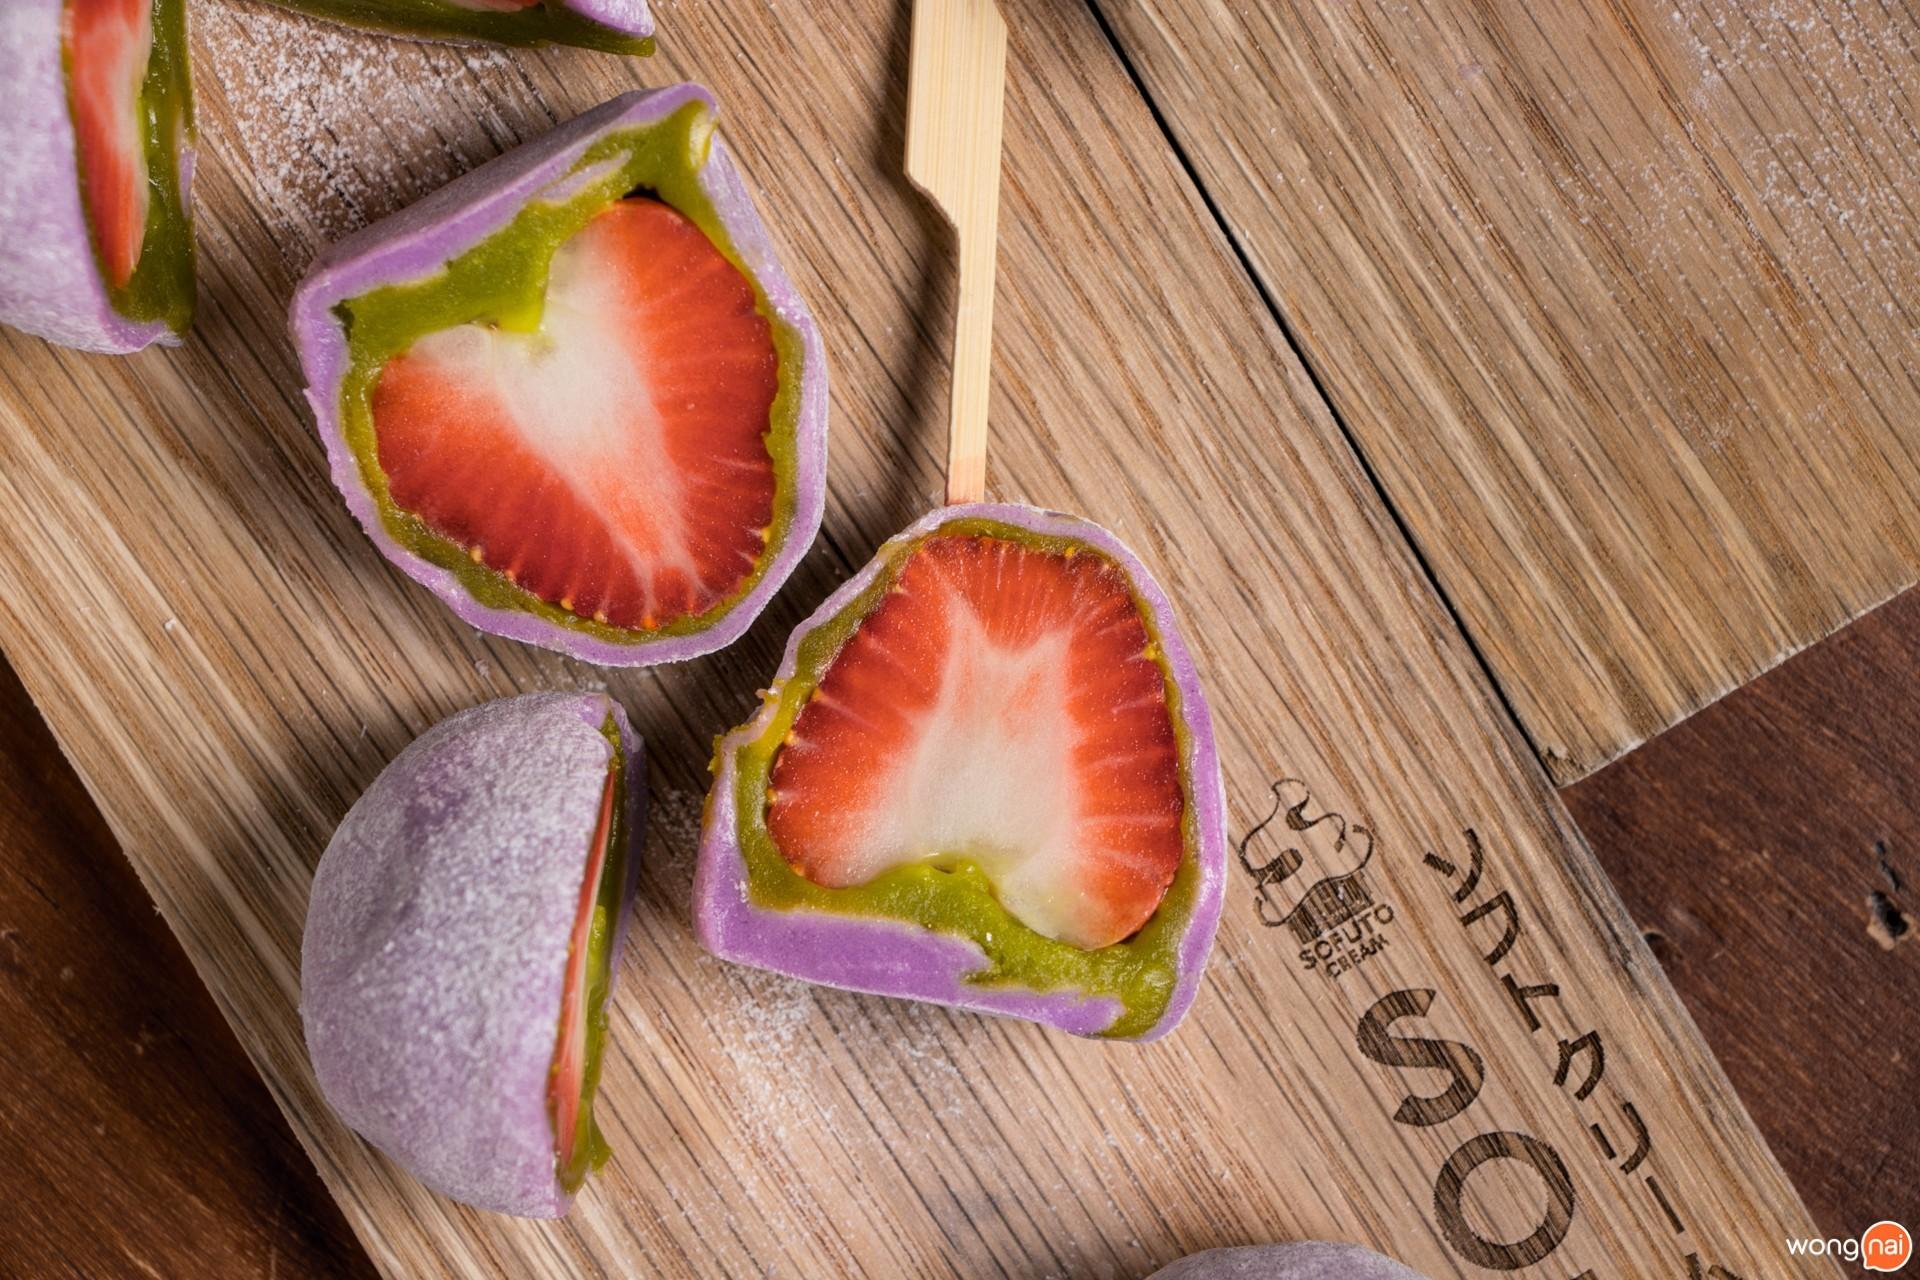 เมนู Imo Strawberry Daifuku ร้าน Sofuto Cream เชียงใหม่